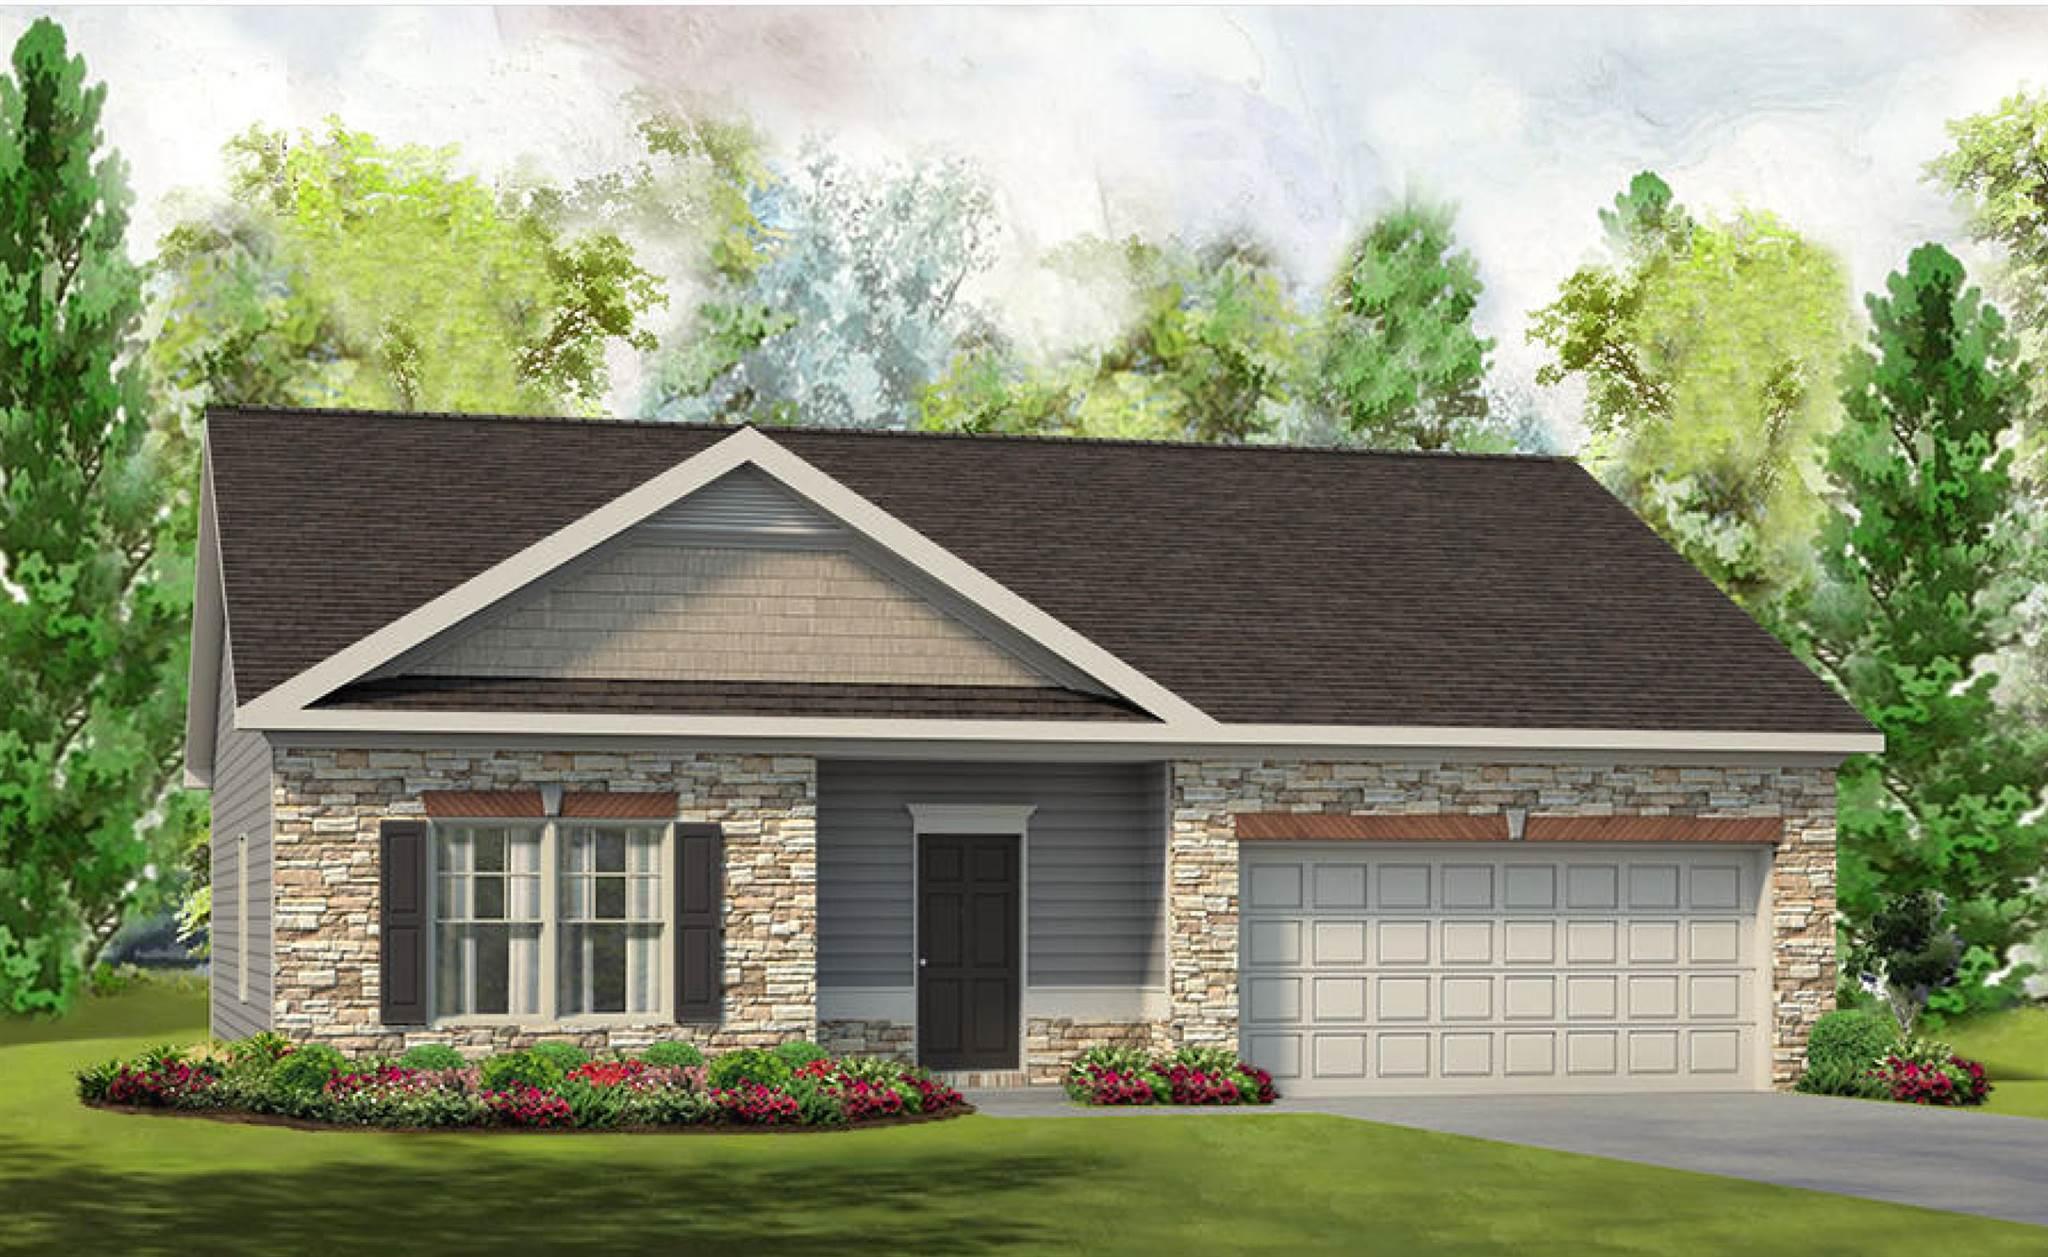 118 COLIN LANE, Lake Oconee in Putnam County, GA 31024 Home for Sale